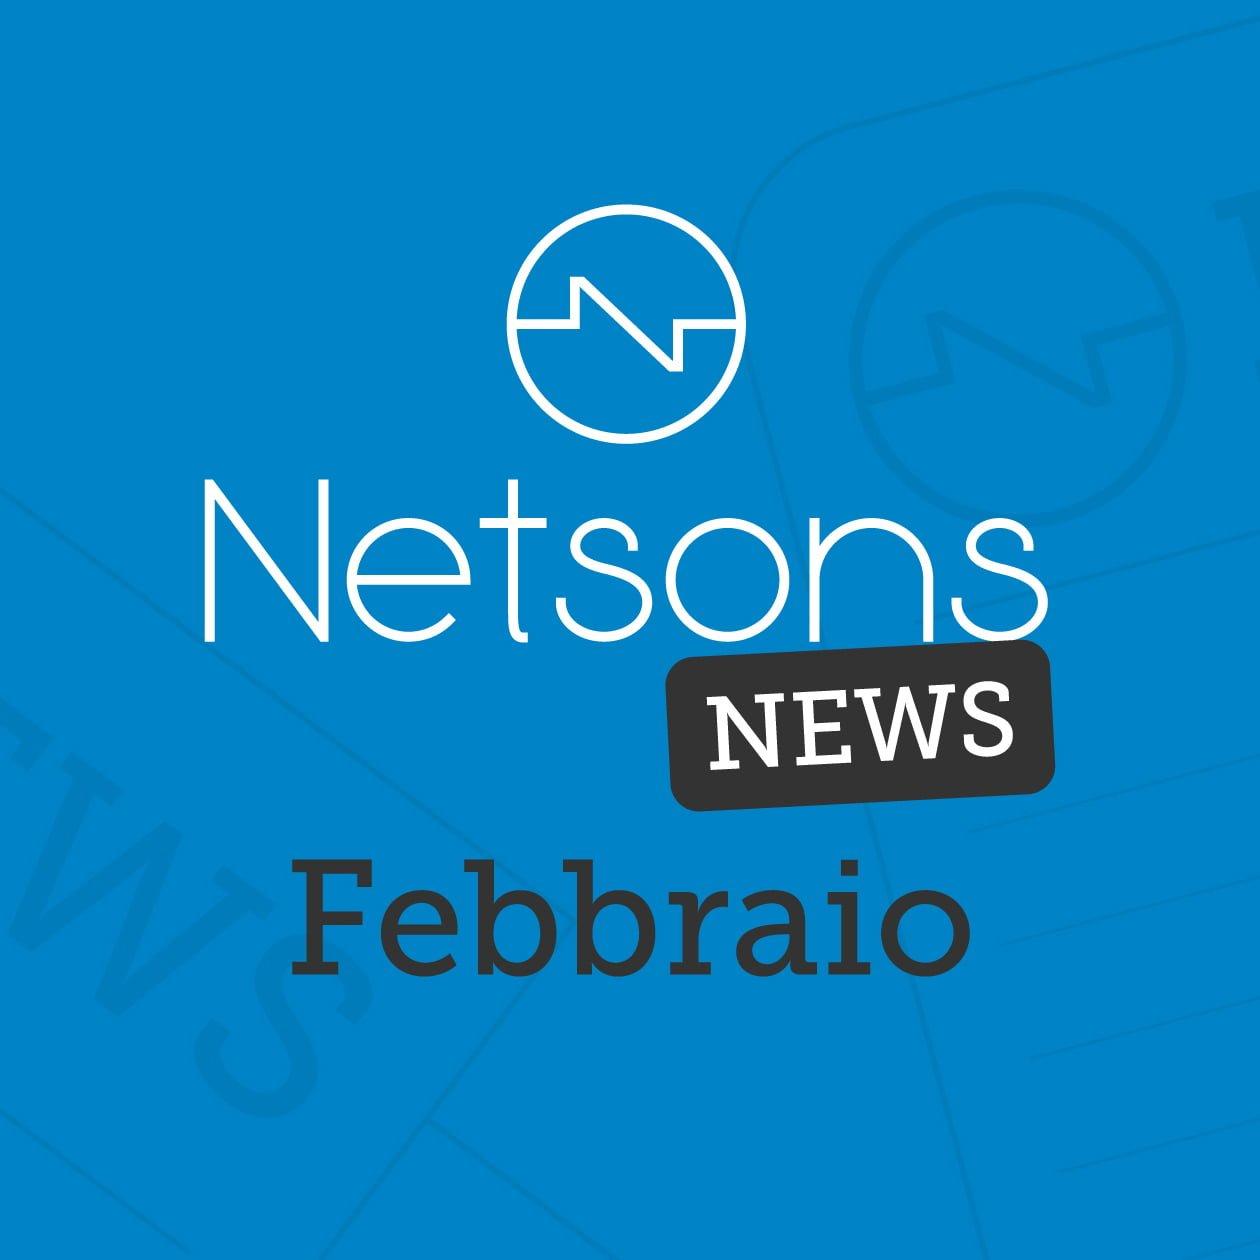 febbraio news